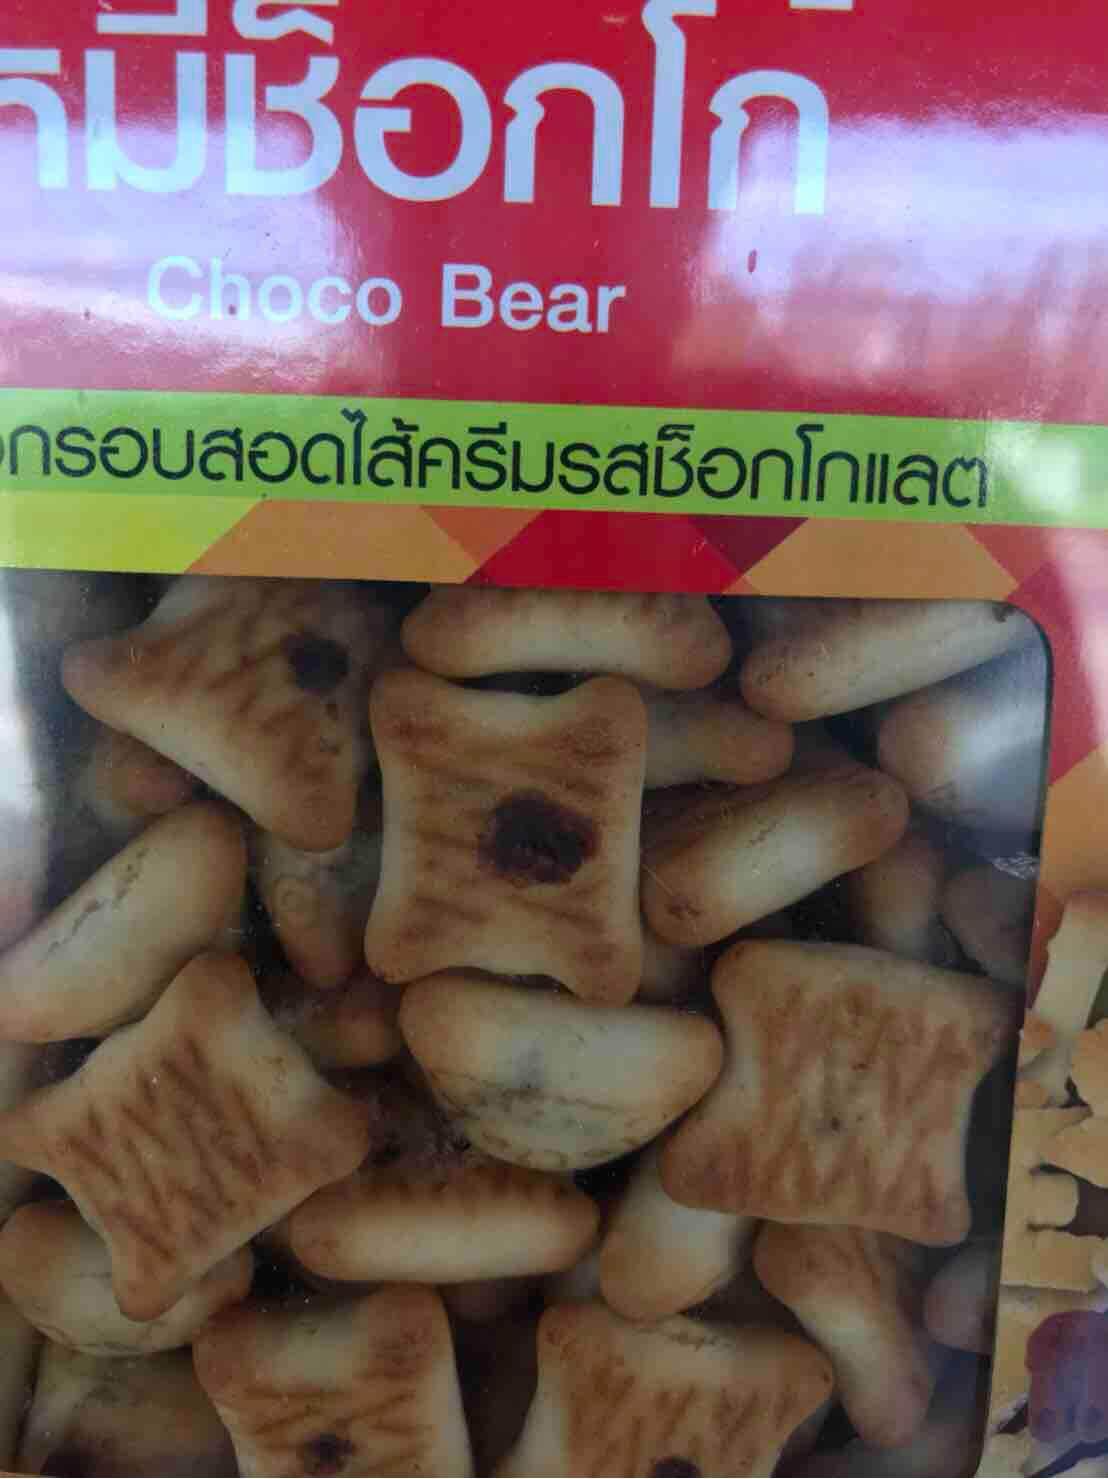 ขนมหมี ใส้ช็อคโกแลต ปิ๊ปเล็ก.